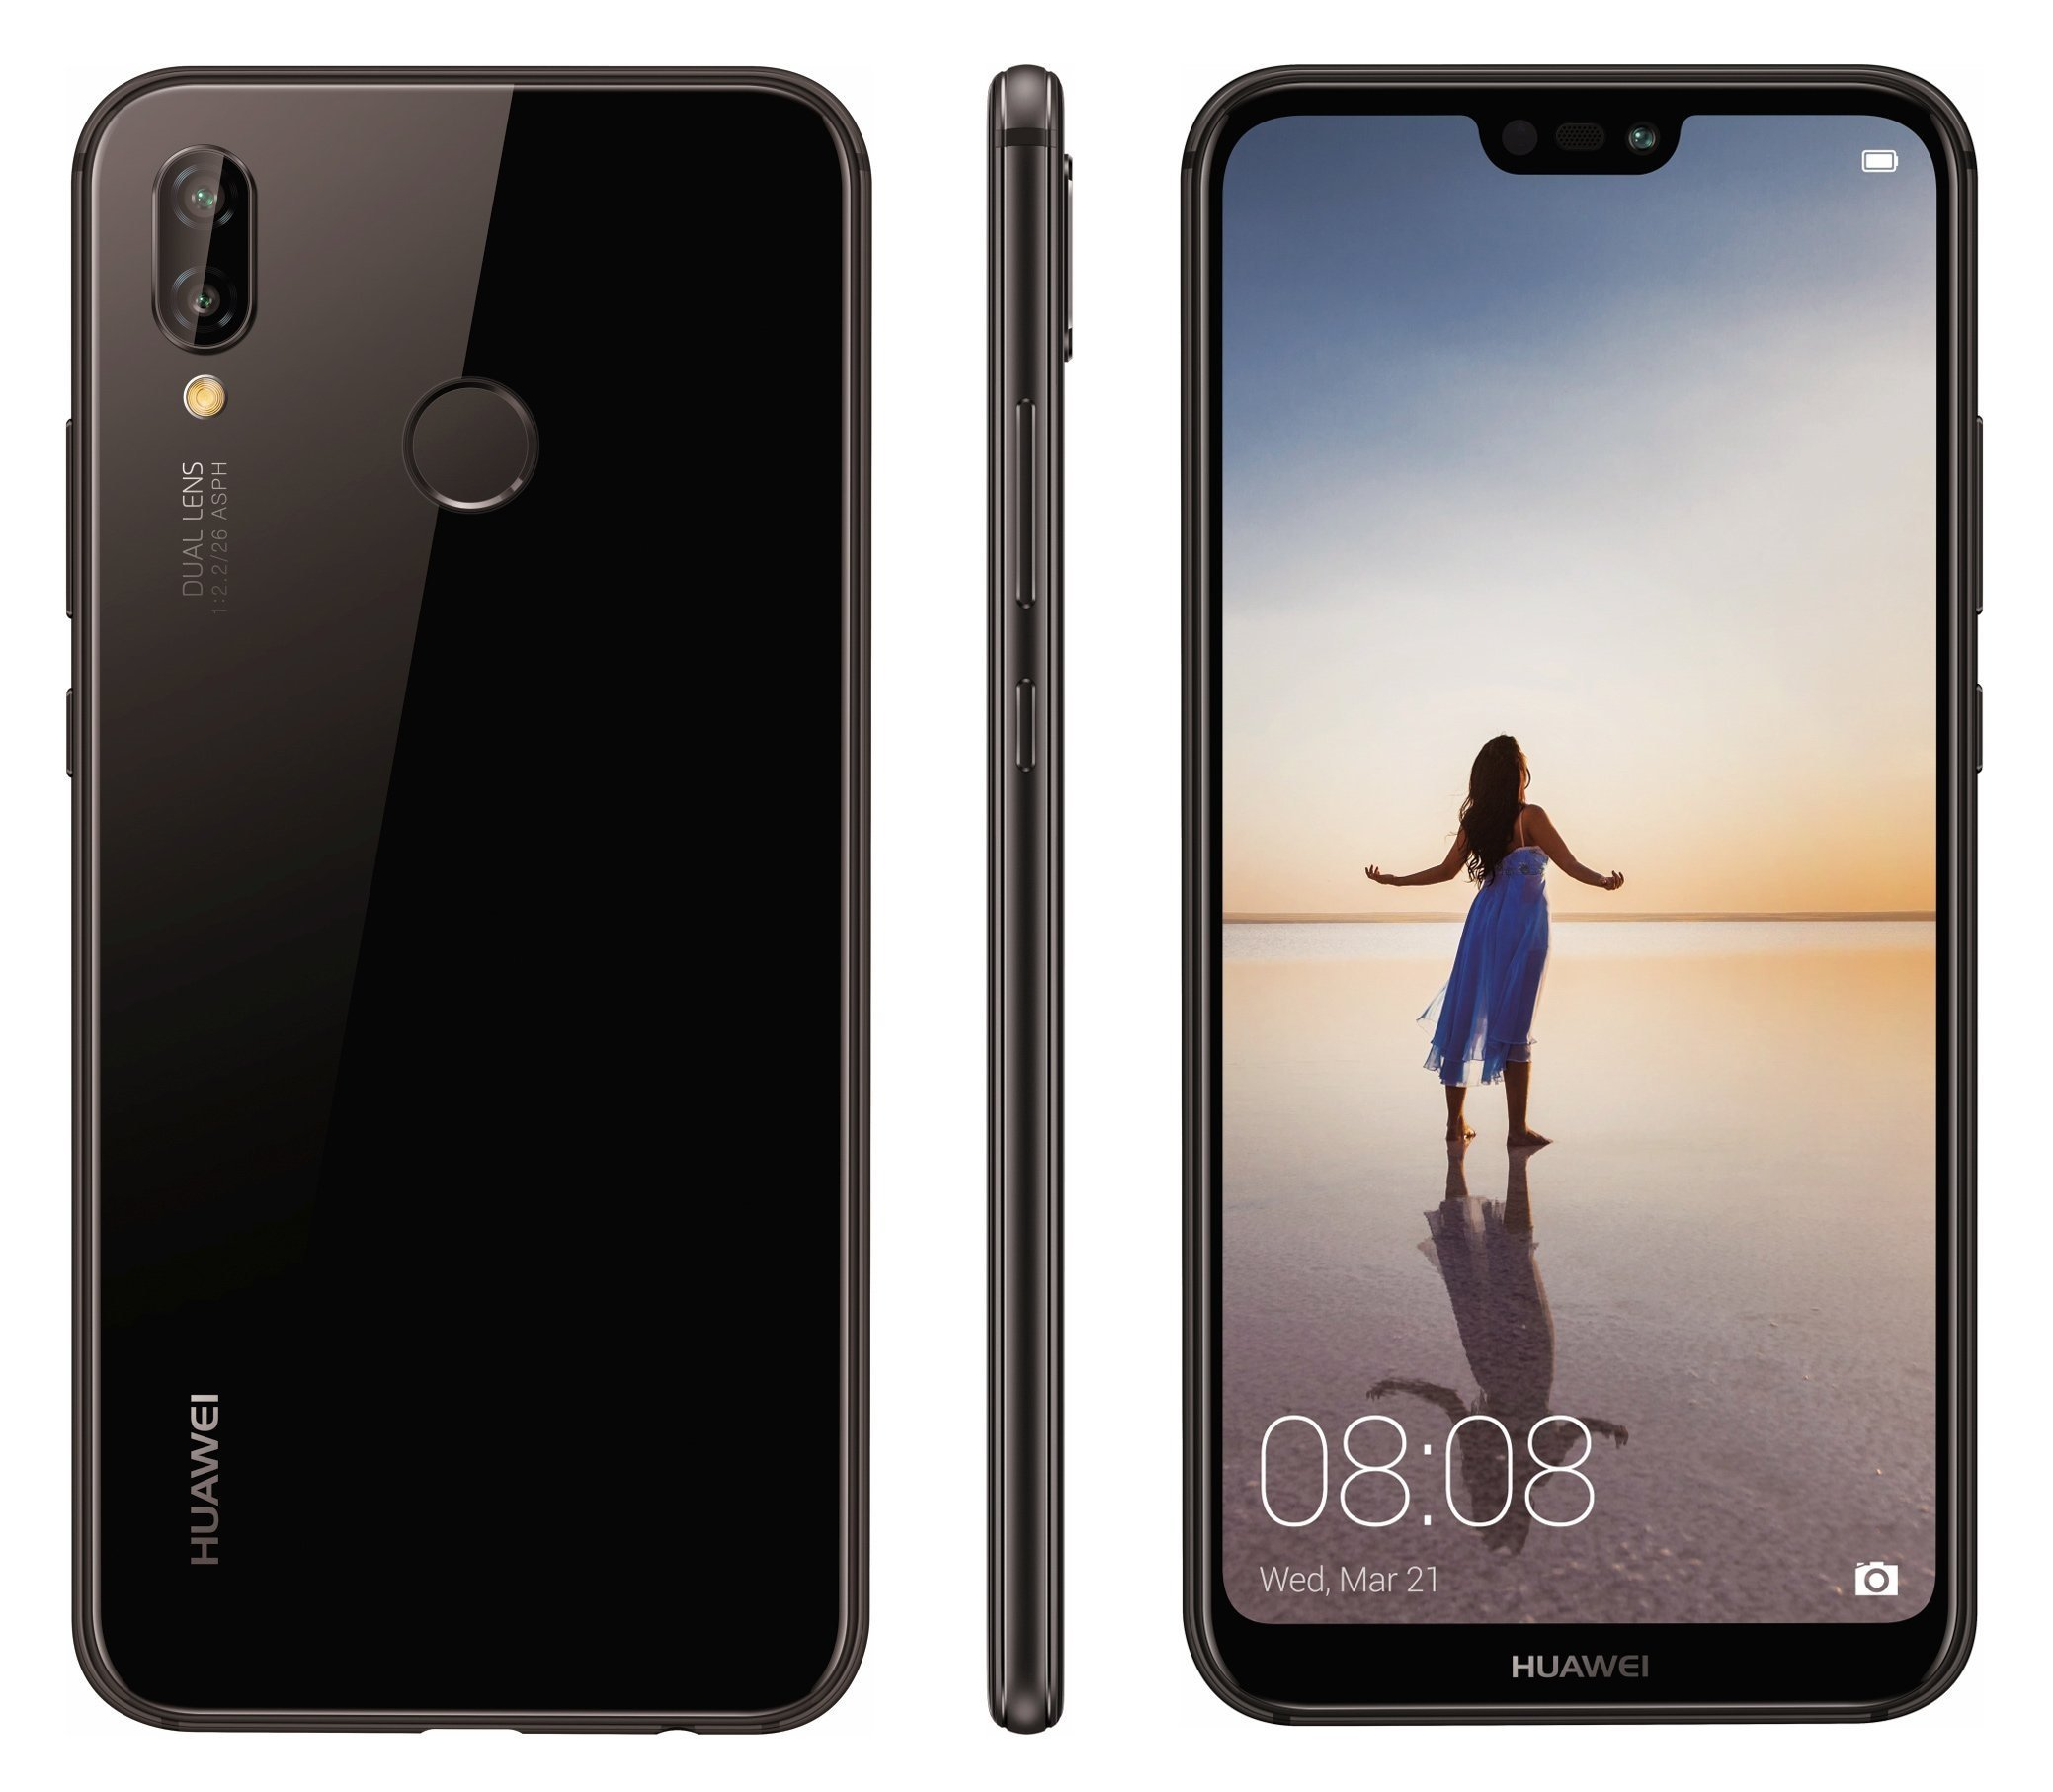 3 actualités qui ont marqué la semaine: Fortnite sur mobile, les Huawei P20 en fuite et le mode portrait du Google Pixel 2